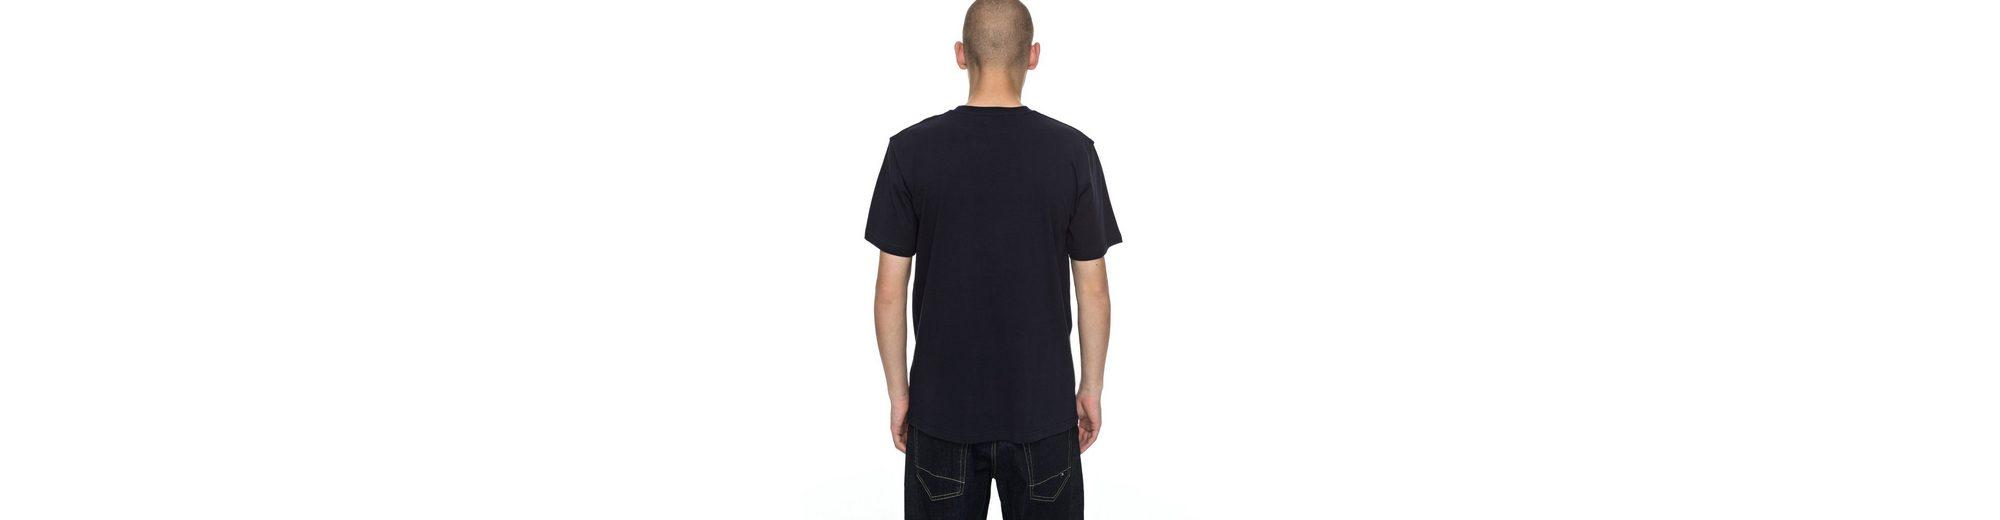 DC Shoes T-Shirt Cascade Freies Verschiffen Die Besten Preise Fabrikverkauf Freies Verschiffen Outlet-Store 2018 Neue Online Niedriger Preis Versandgebühr iFq5X